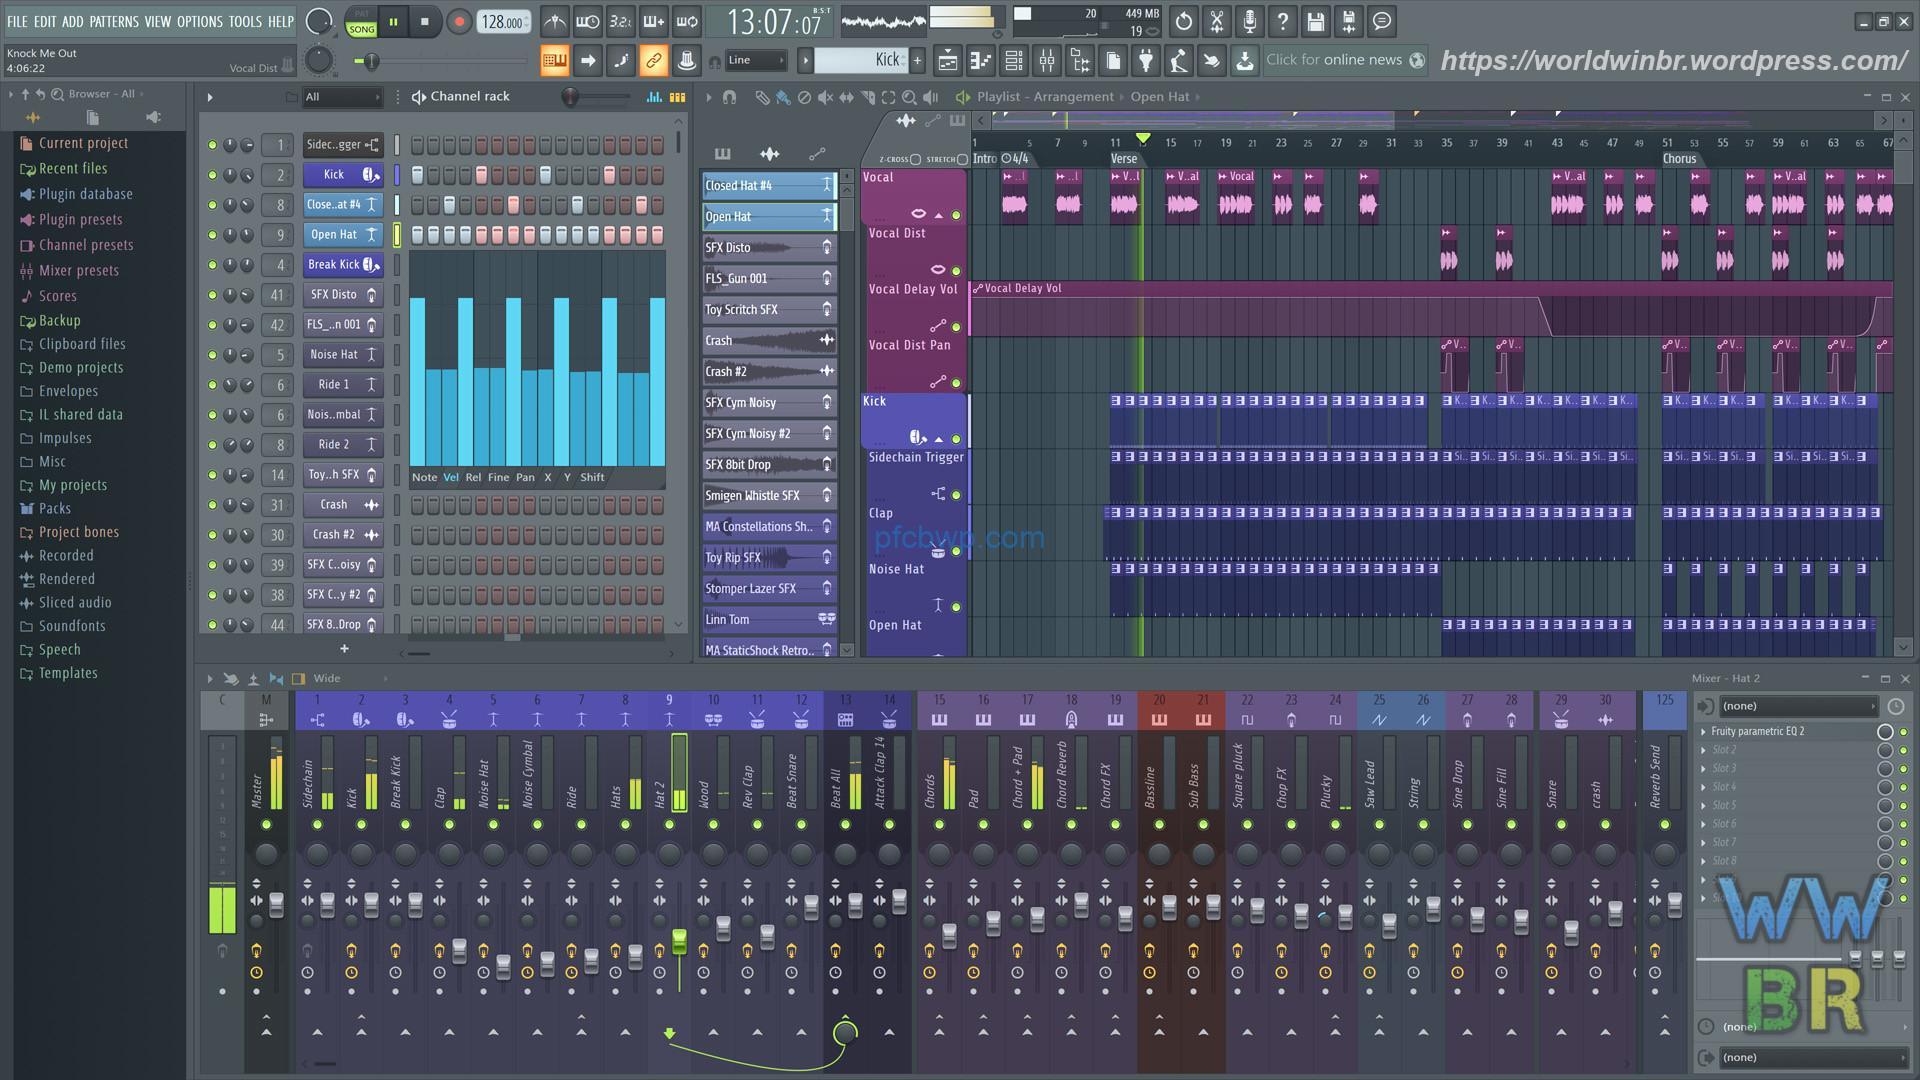 FL Studio 20 5 1 Build 1193 Crack Torrent + Registration Key Free [2019]